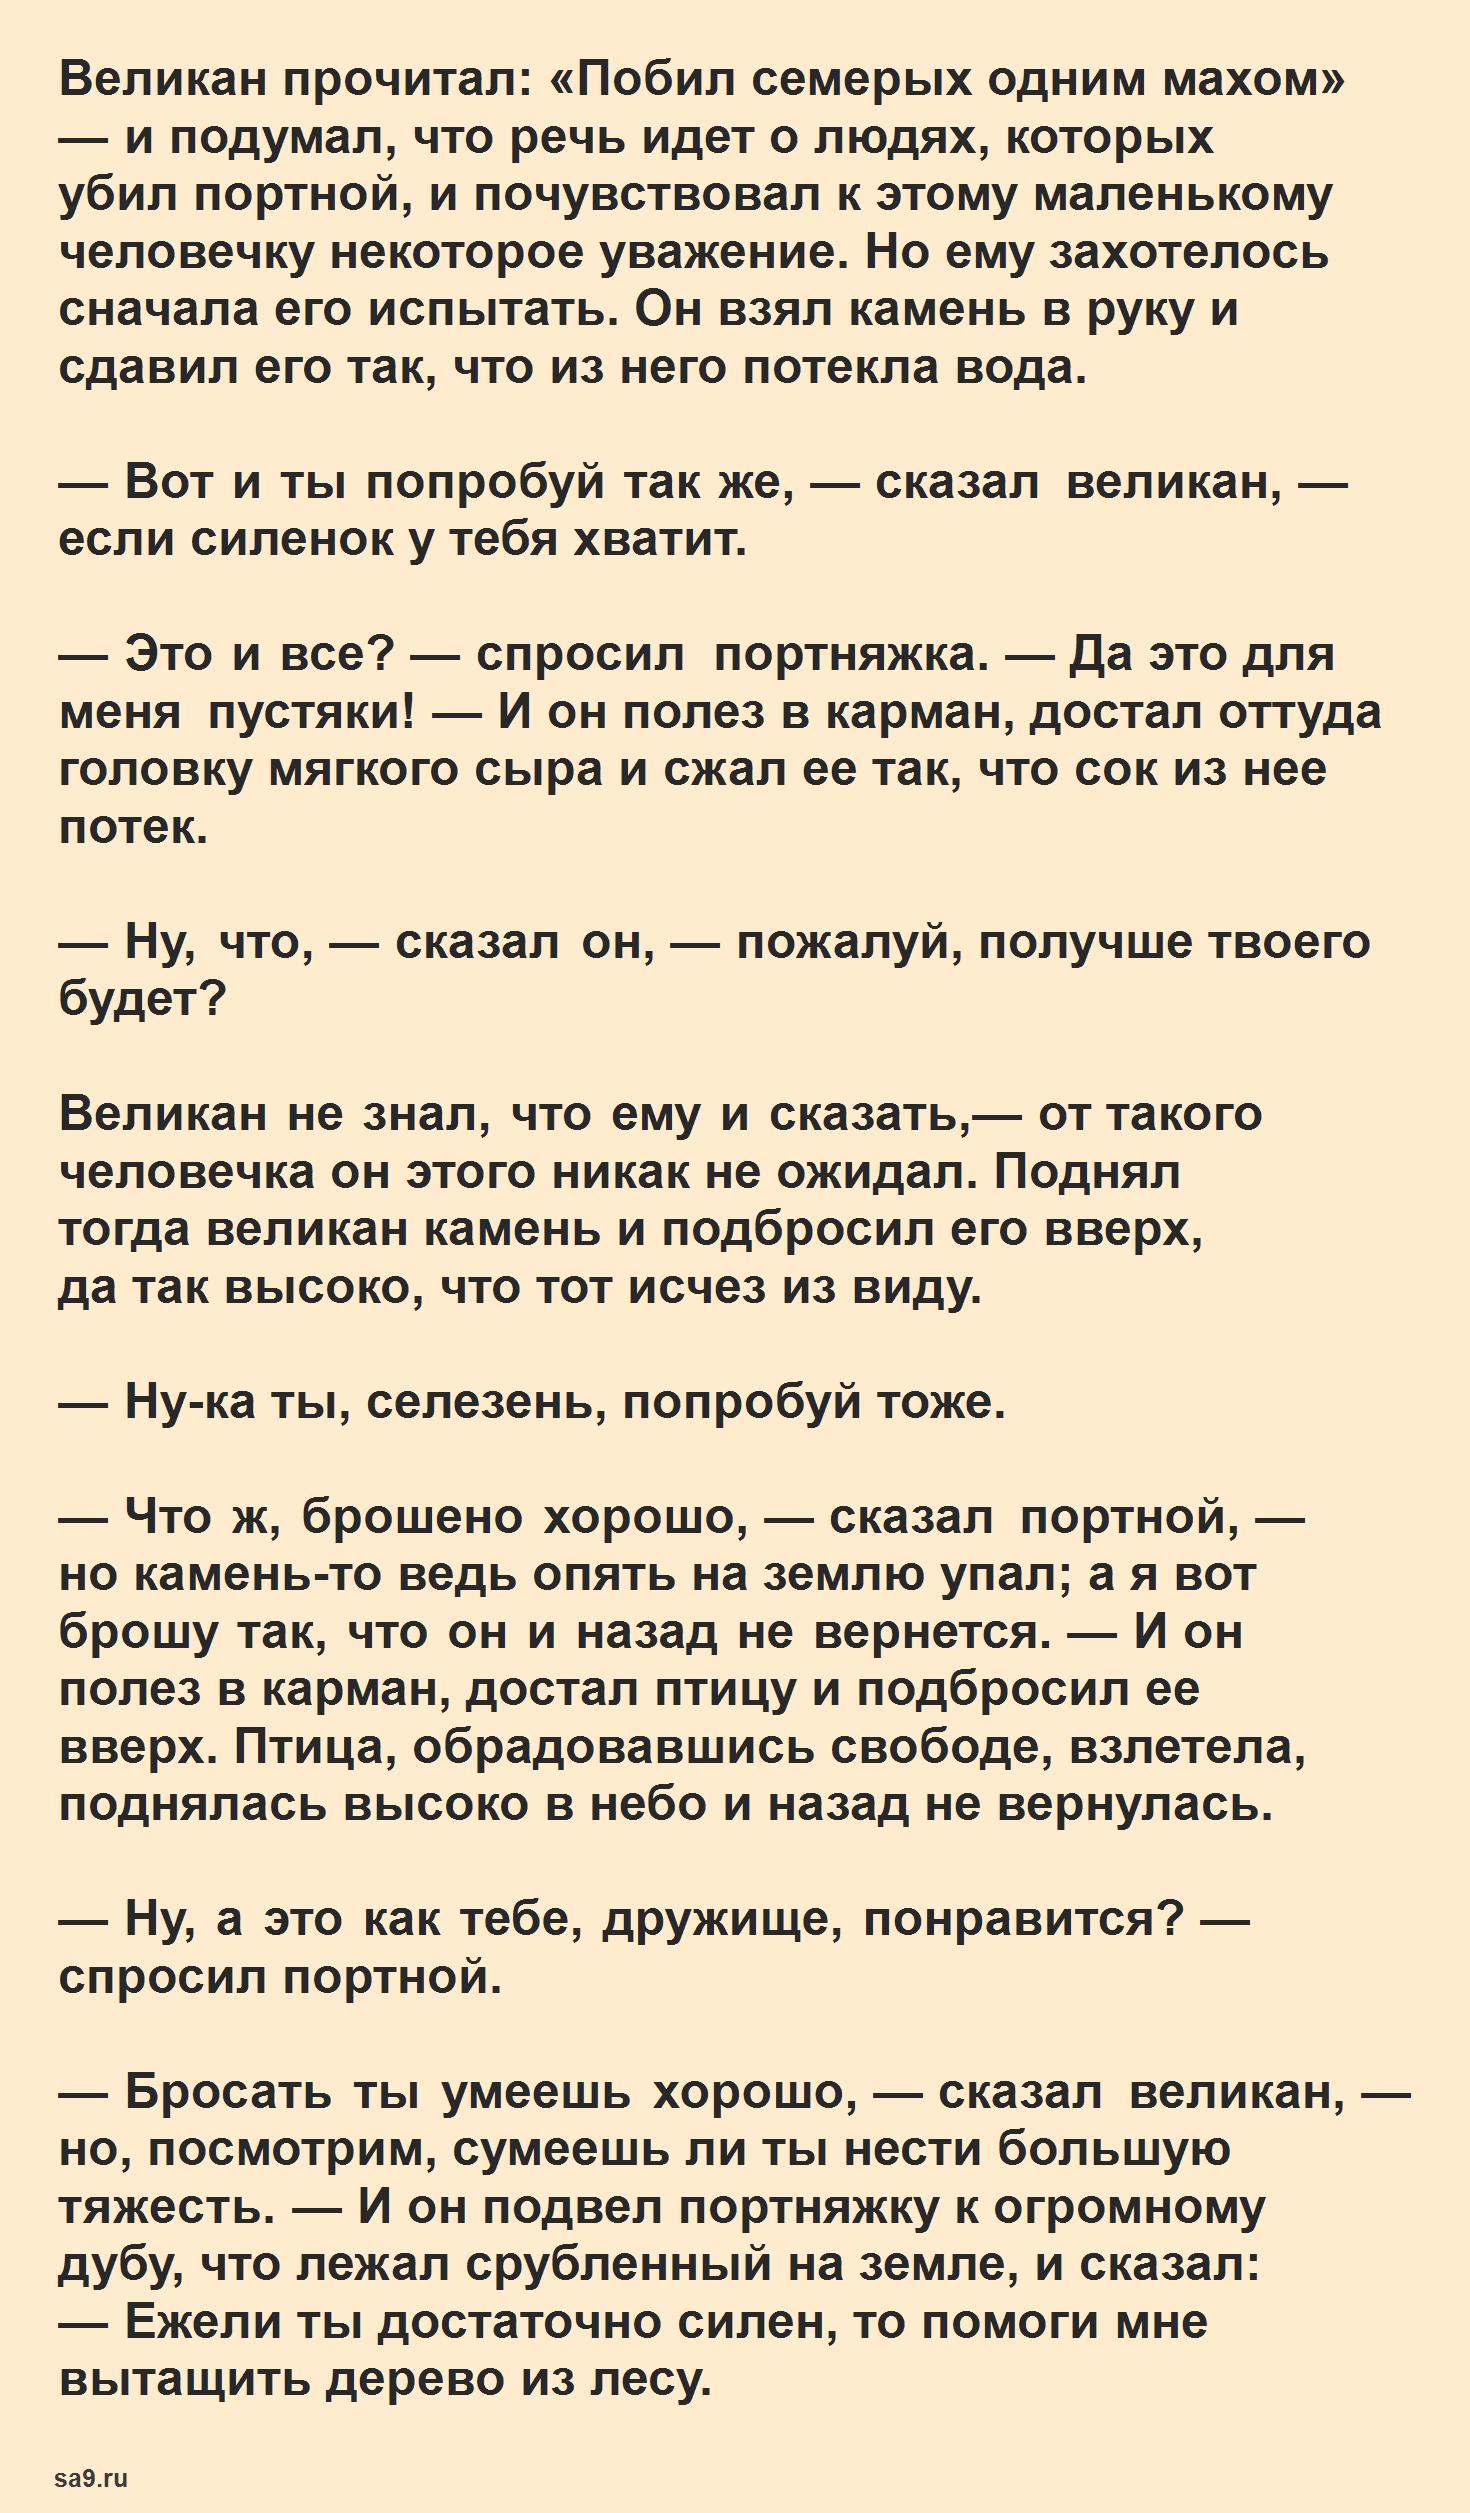 Сказка братьев Гримм – Храбрый портняжка, читать онлайн бесплатно